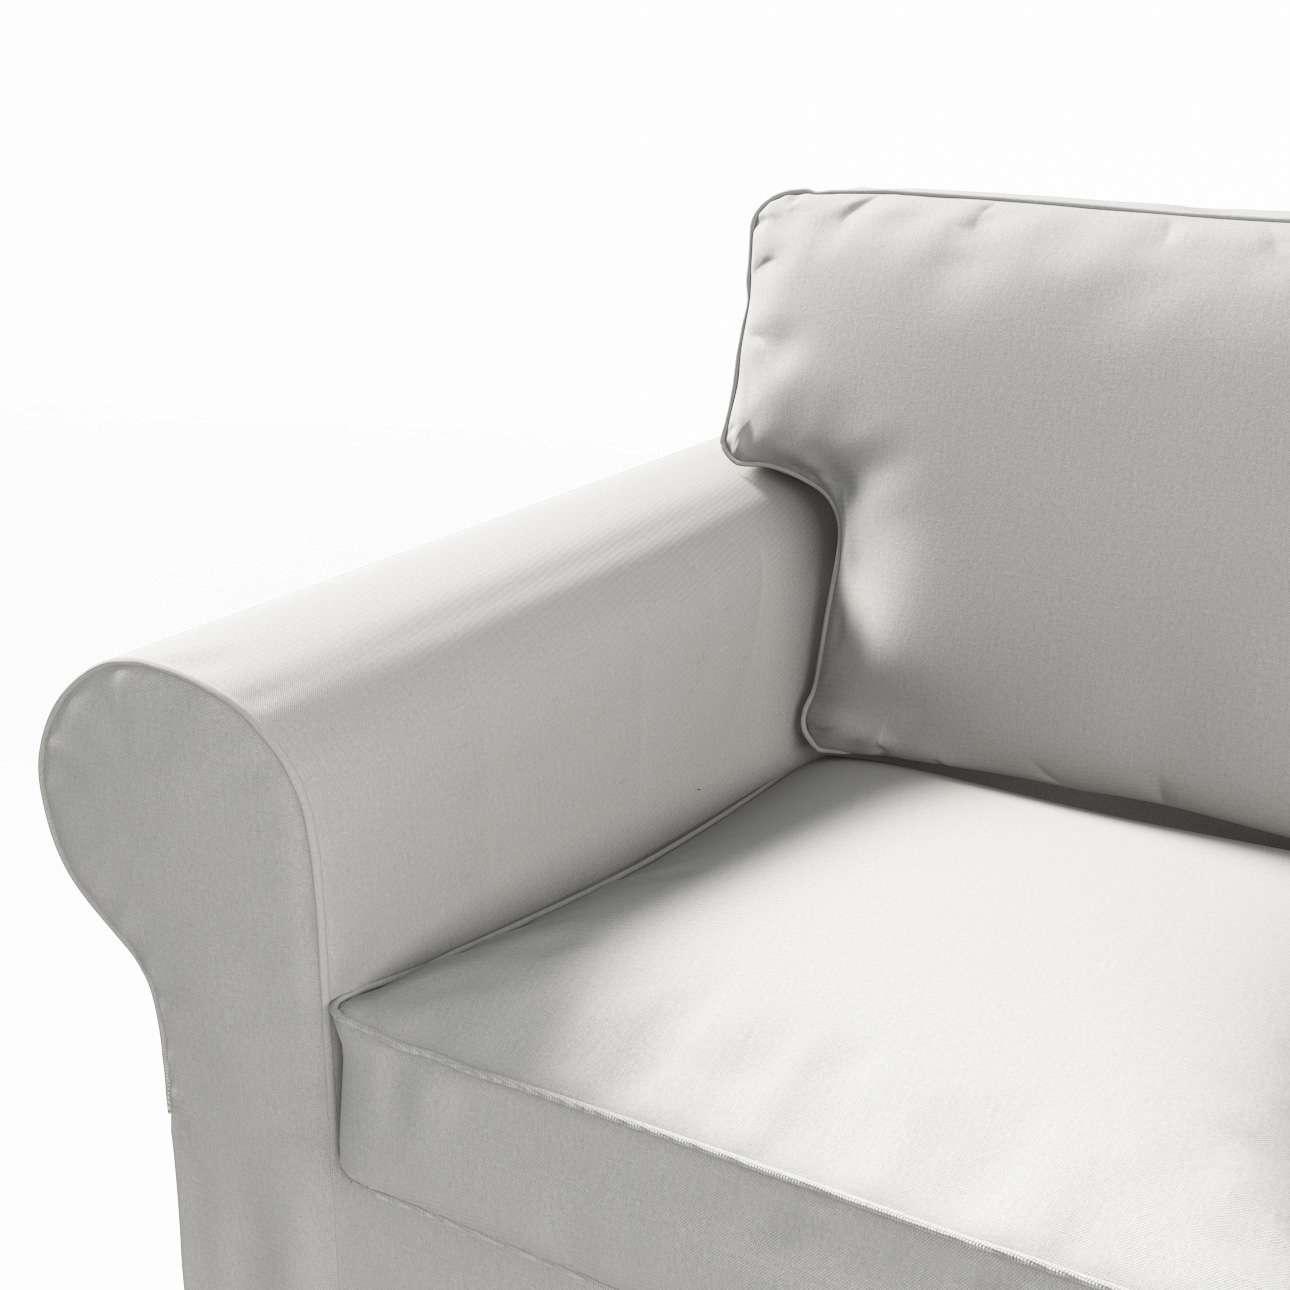 Pokrowiec na sofę Ektorp 2-osobową, rozkładaną STARY MODEL Sofa Ektorp 2-osobowa rozkładana w kolekcji Etna , tkanina: 705-90